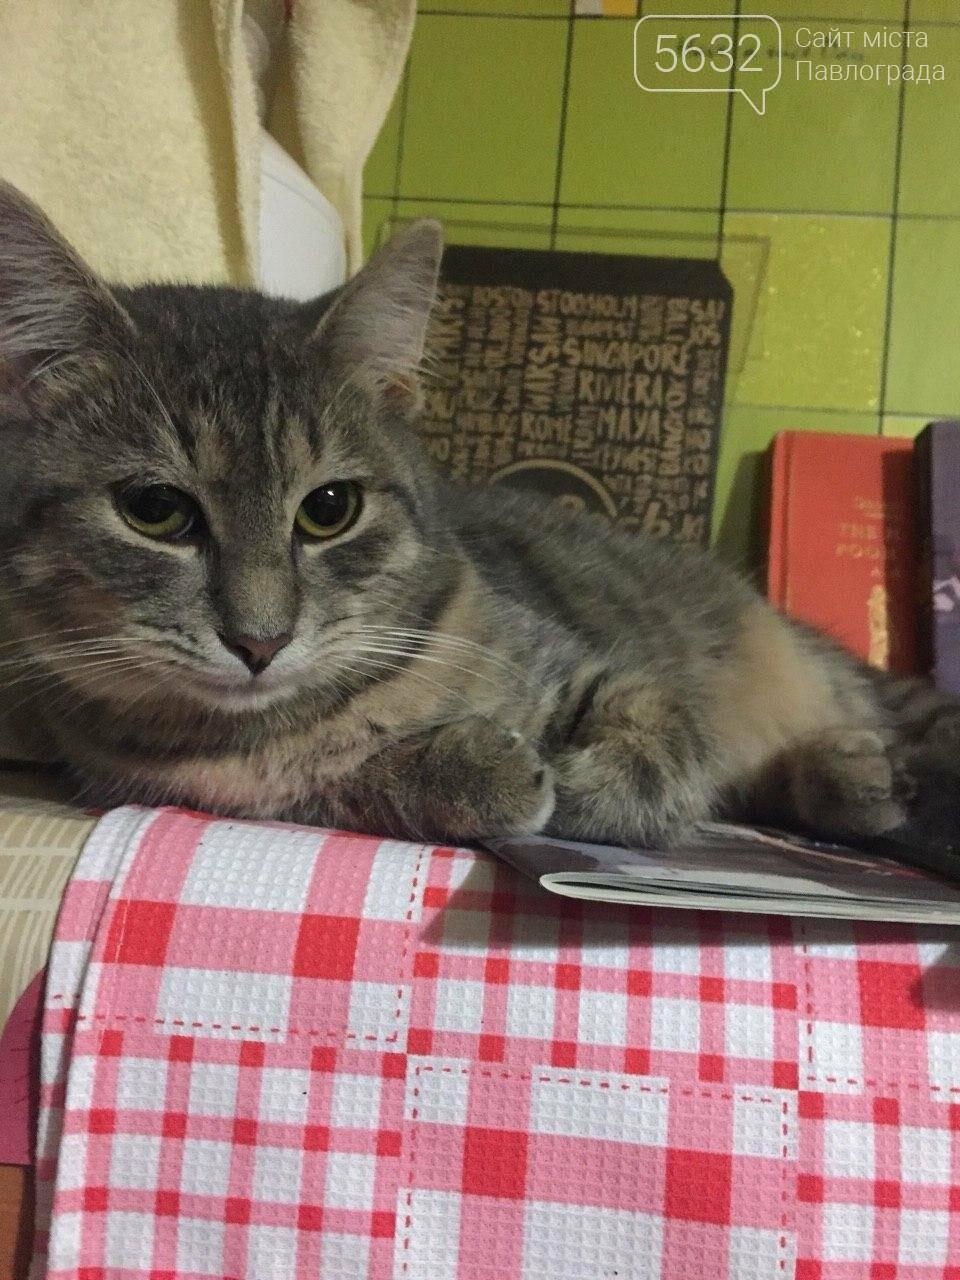 Завтра Всемирный день кошек! А ты празднуешь? , фото-2